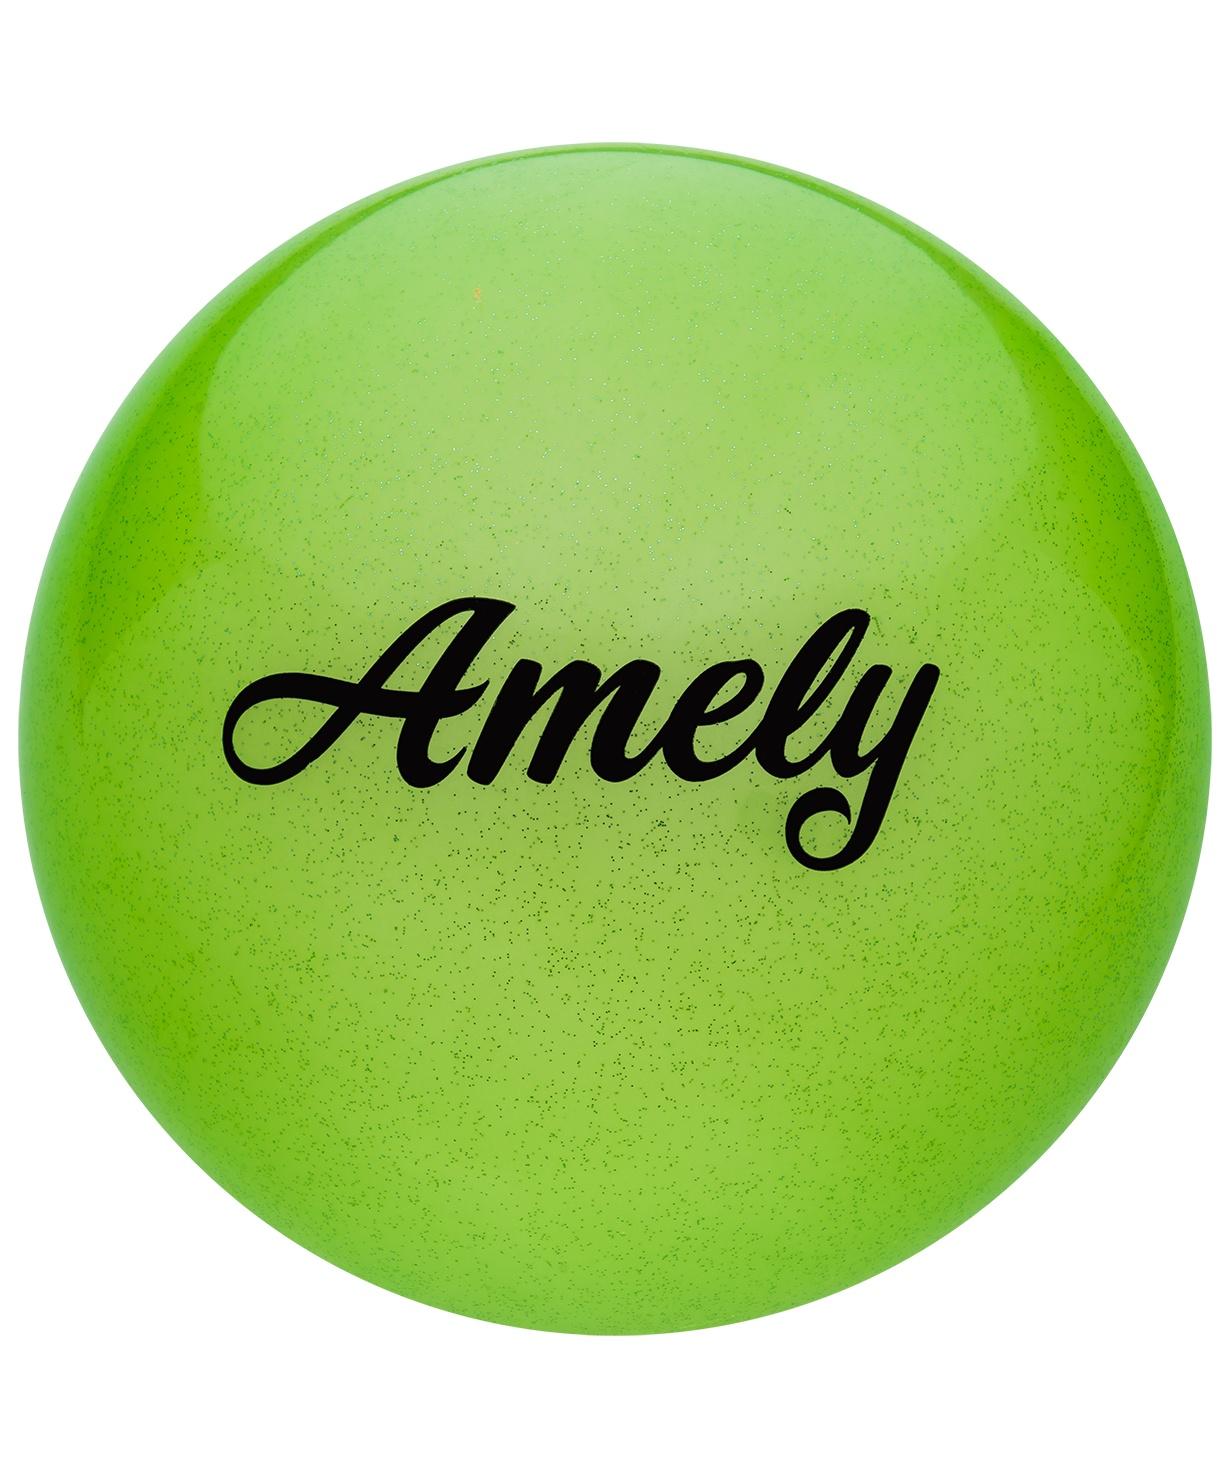 Мяч для художественной гимнастики Amely Agb-102, 15 см, зеленый, с блестками мяч для художественной гимнастики indigo силиконовый цвет фуксия диаметр 15 см